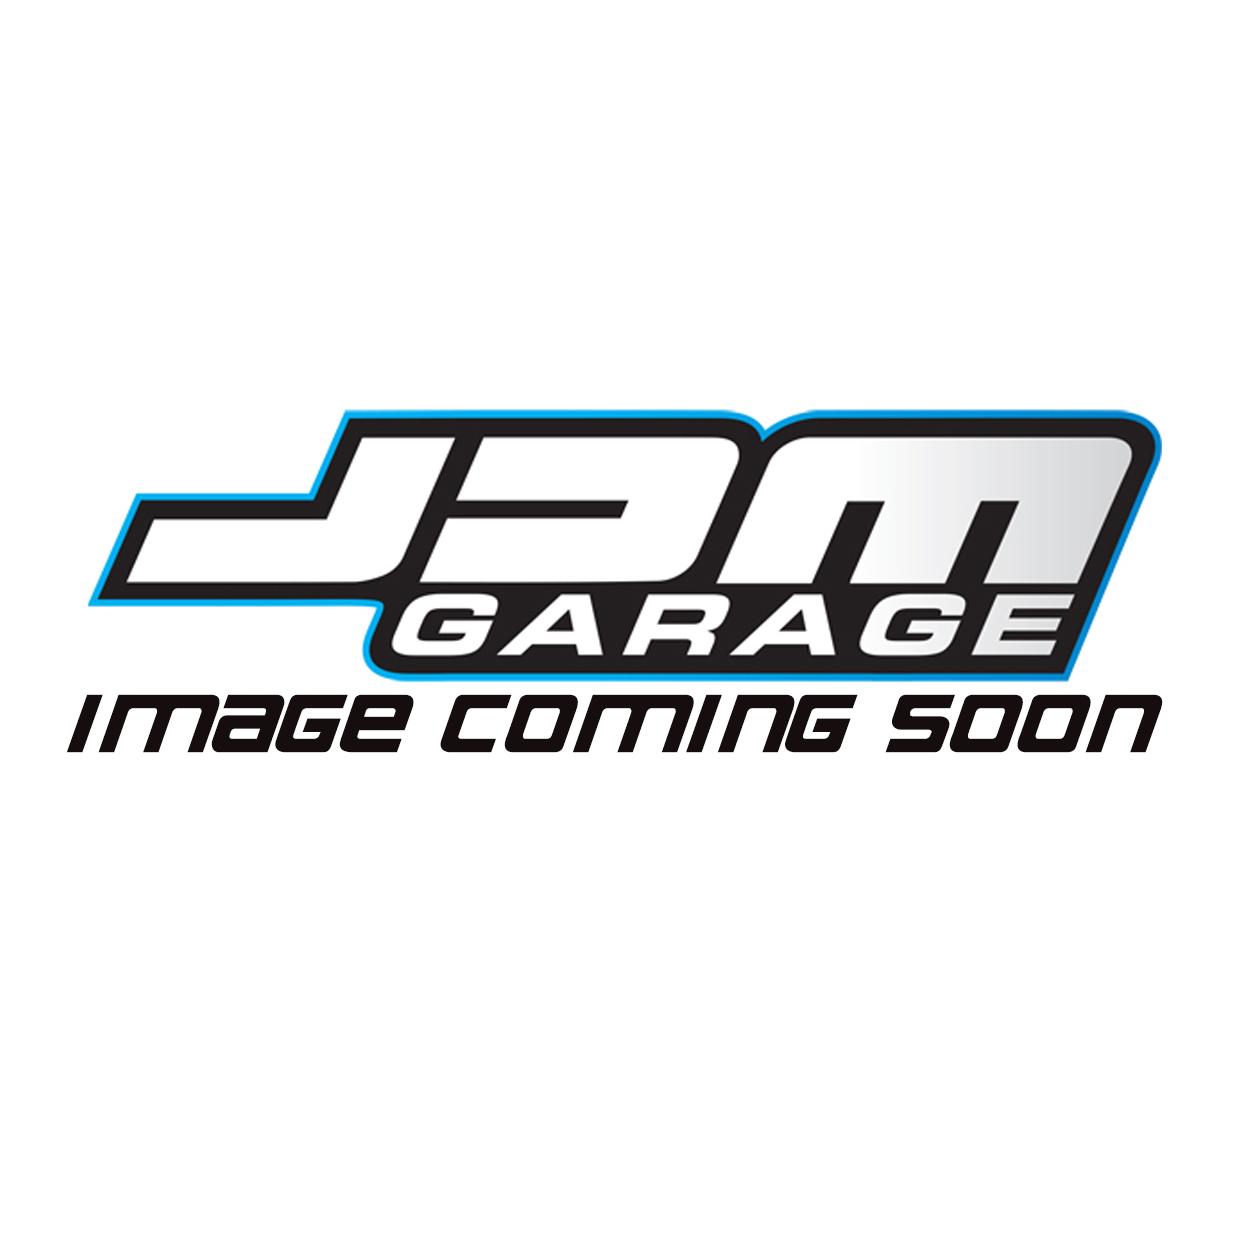 CP Pistons - Nissan Skyline R32 / R33 / R34 / GTST / GTT / GTR / RB25DET / RB26DETT